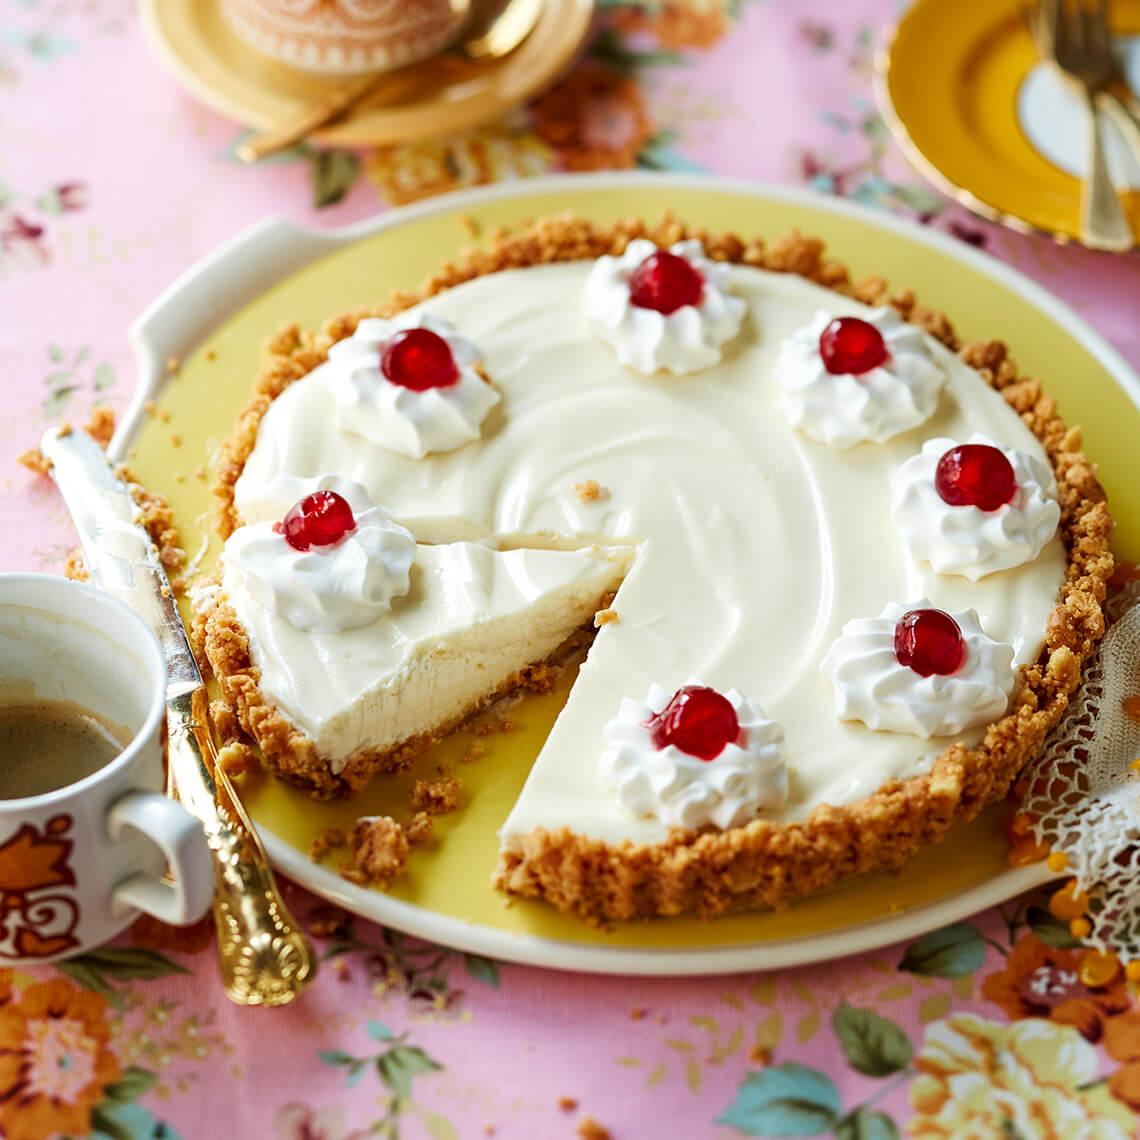 Cremora tart